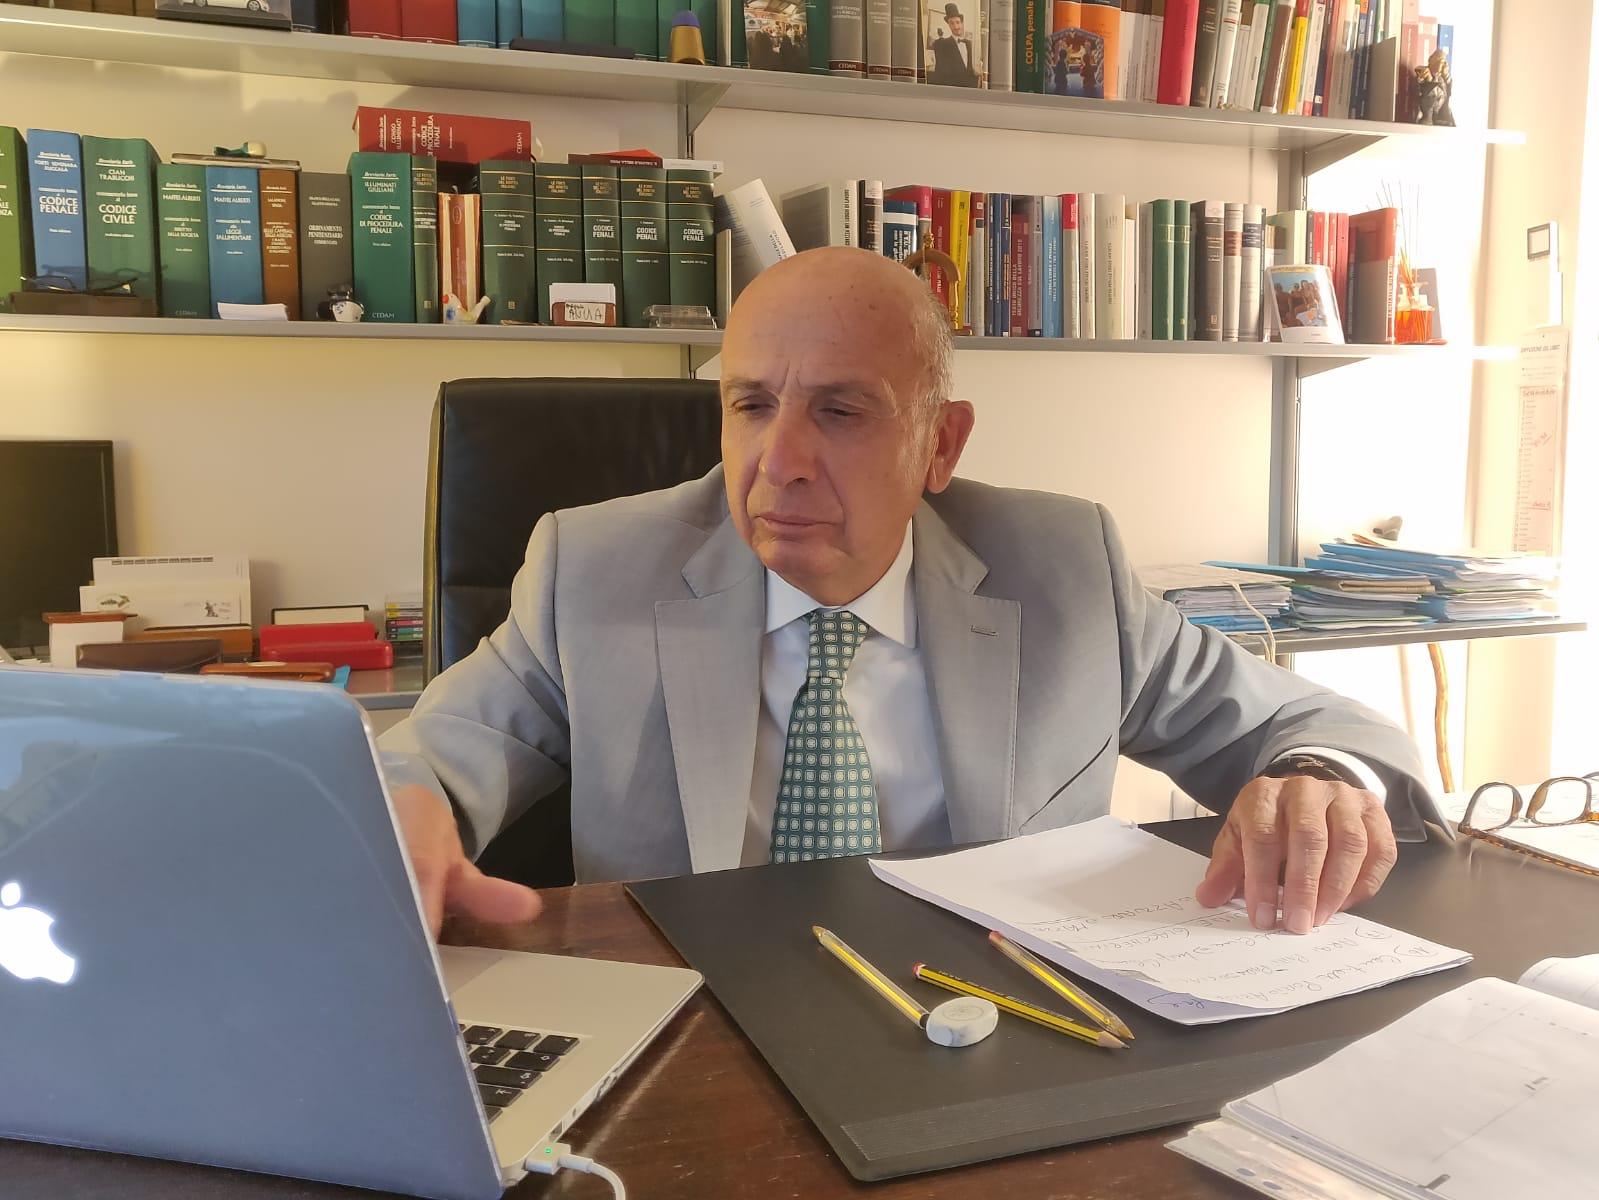 """Tentata corruzione di un consigliere a Massarosa, l'avvocato Riccardo Carloni: """"I miei clienti sono estranei alle accuse"""""""